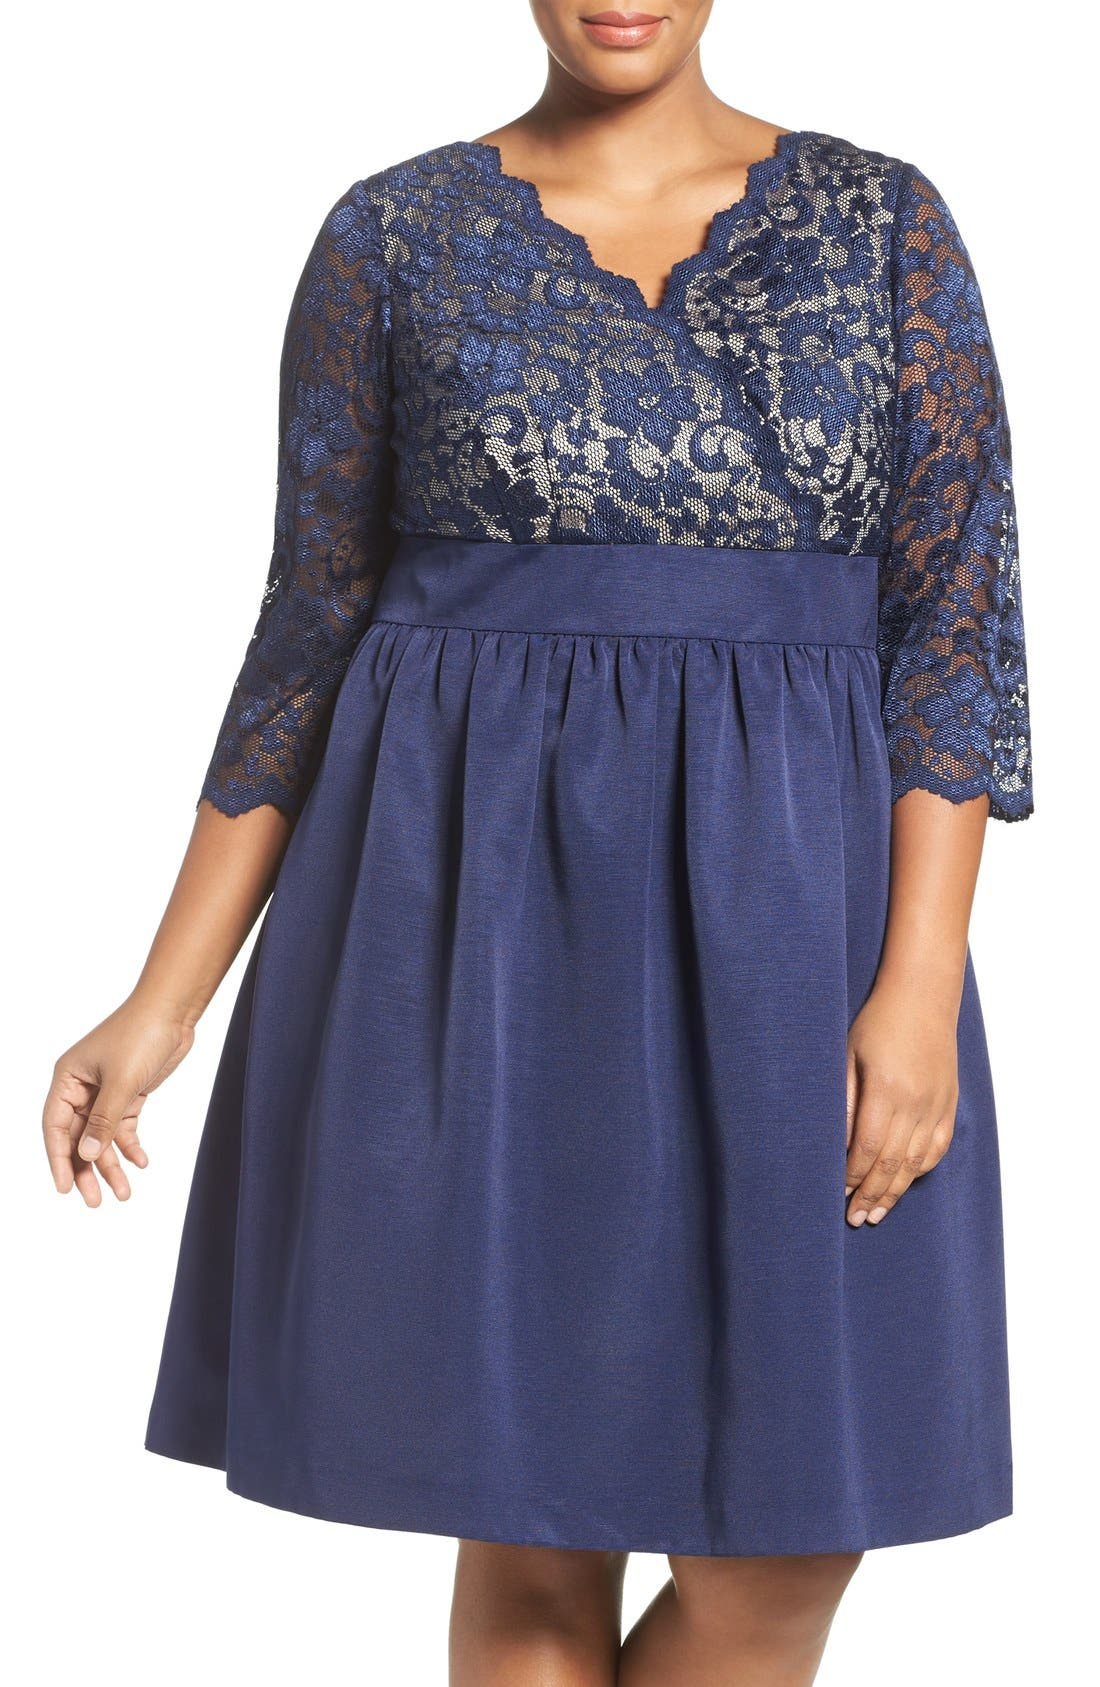 Main Image - Eliza J Lace & Faille Dress (Plus Size)